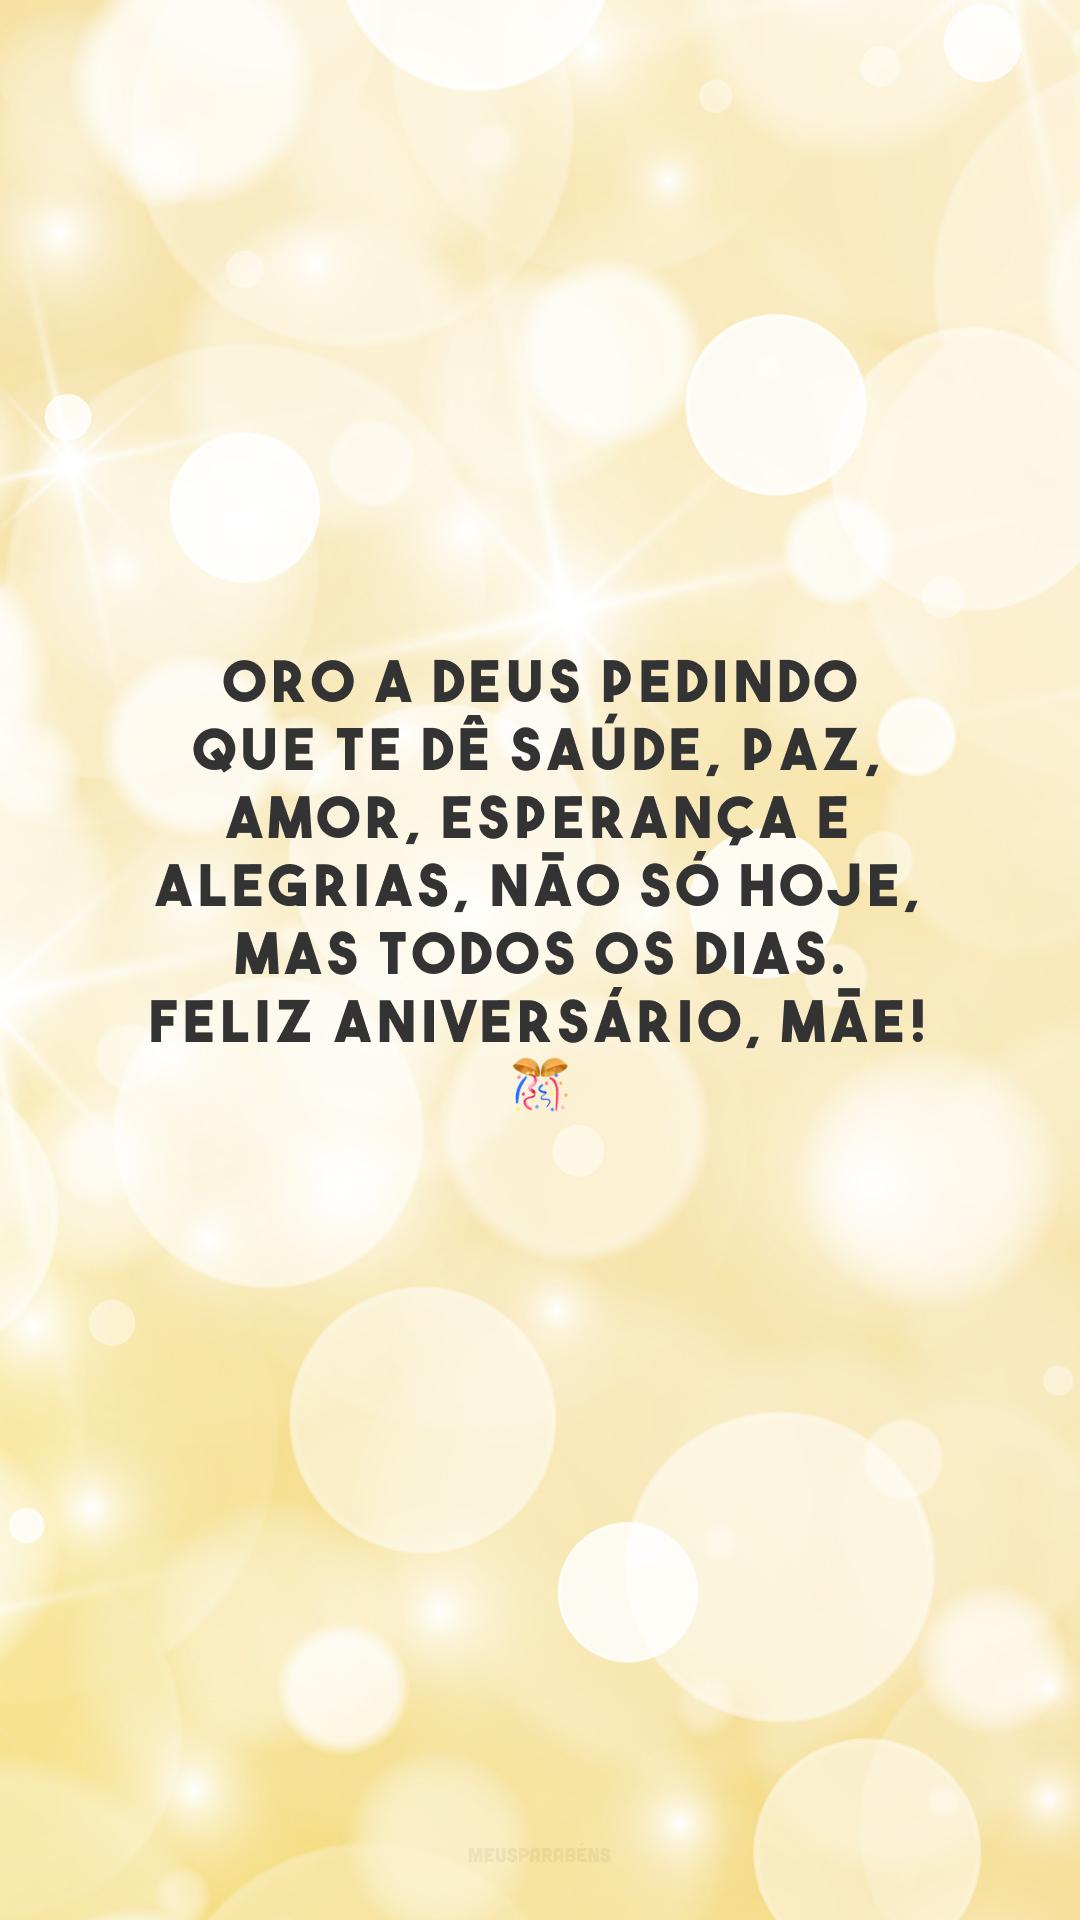 Oro a Deus pedindo que te dê saúde, paz, amor, esperança e alegrias, não só hoje, mas todos os dias. Feliz aniversário, mãe!  🎊